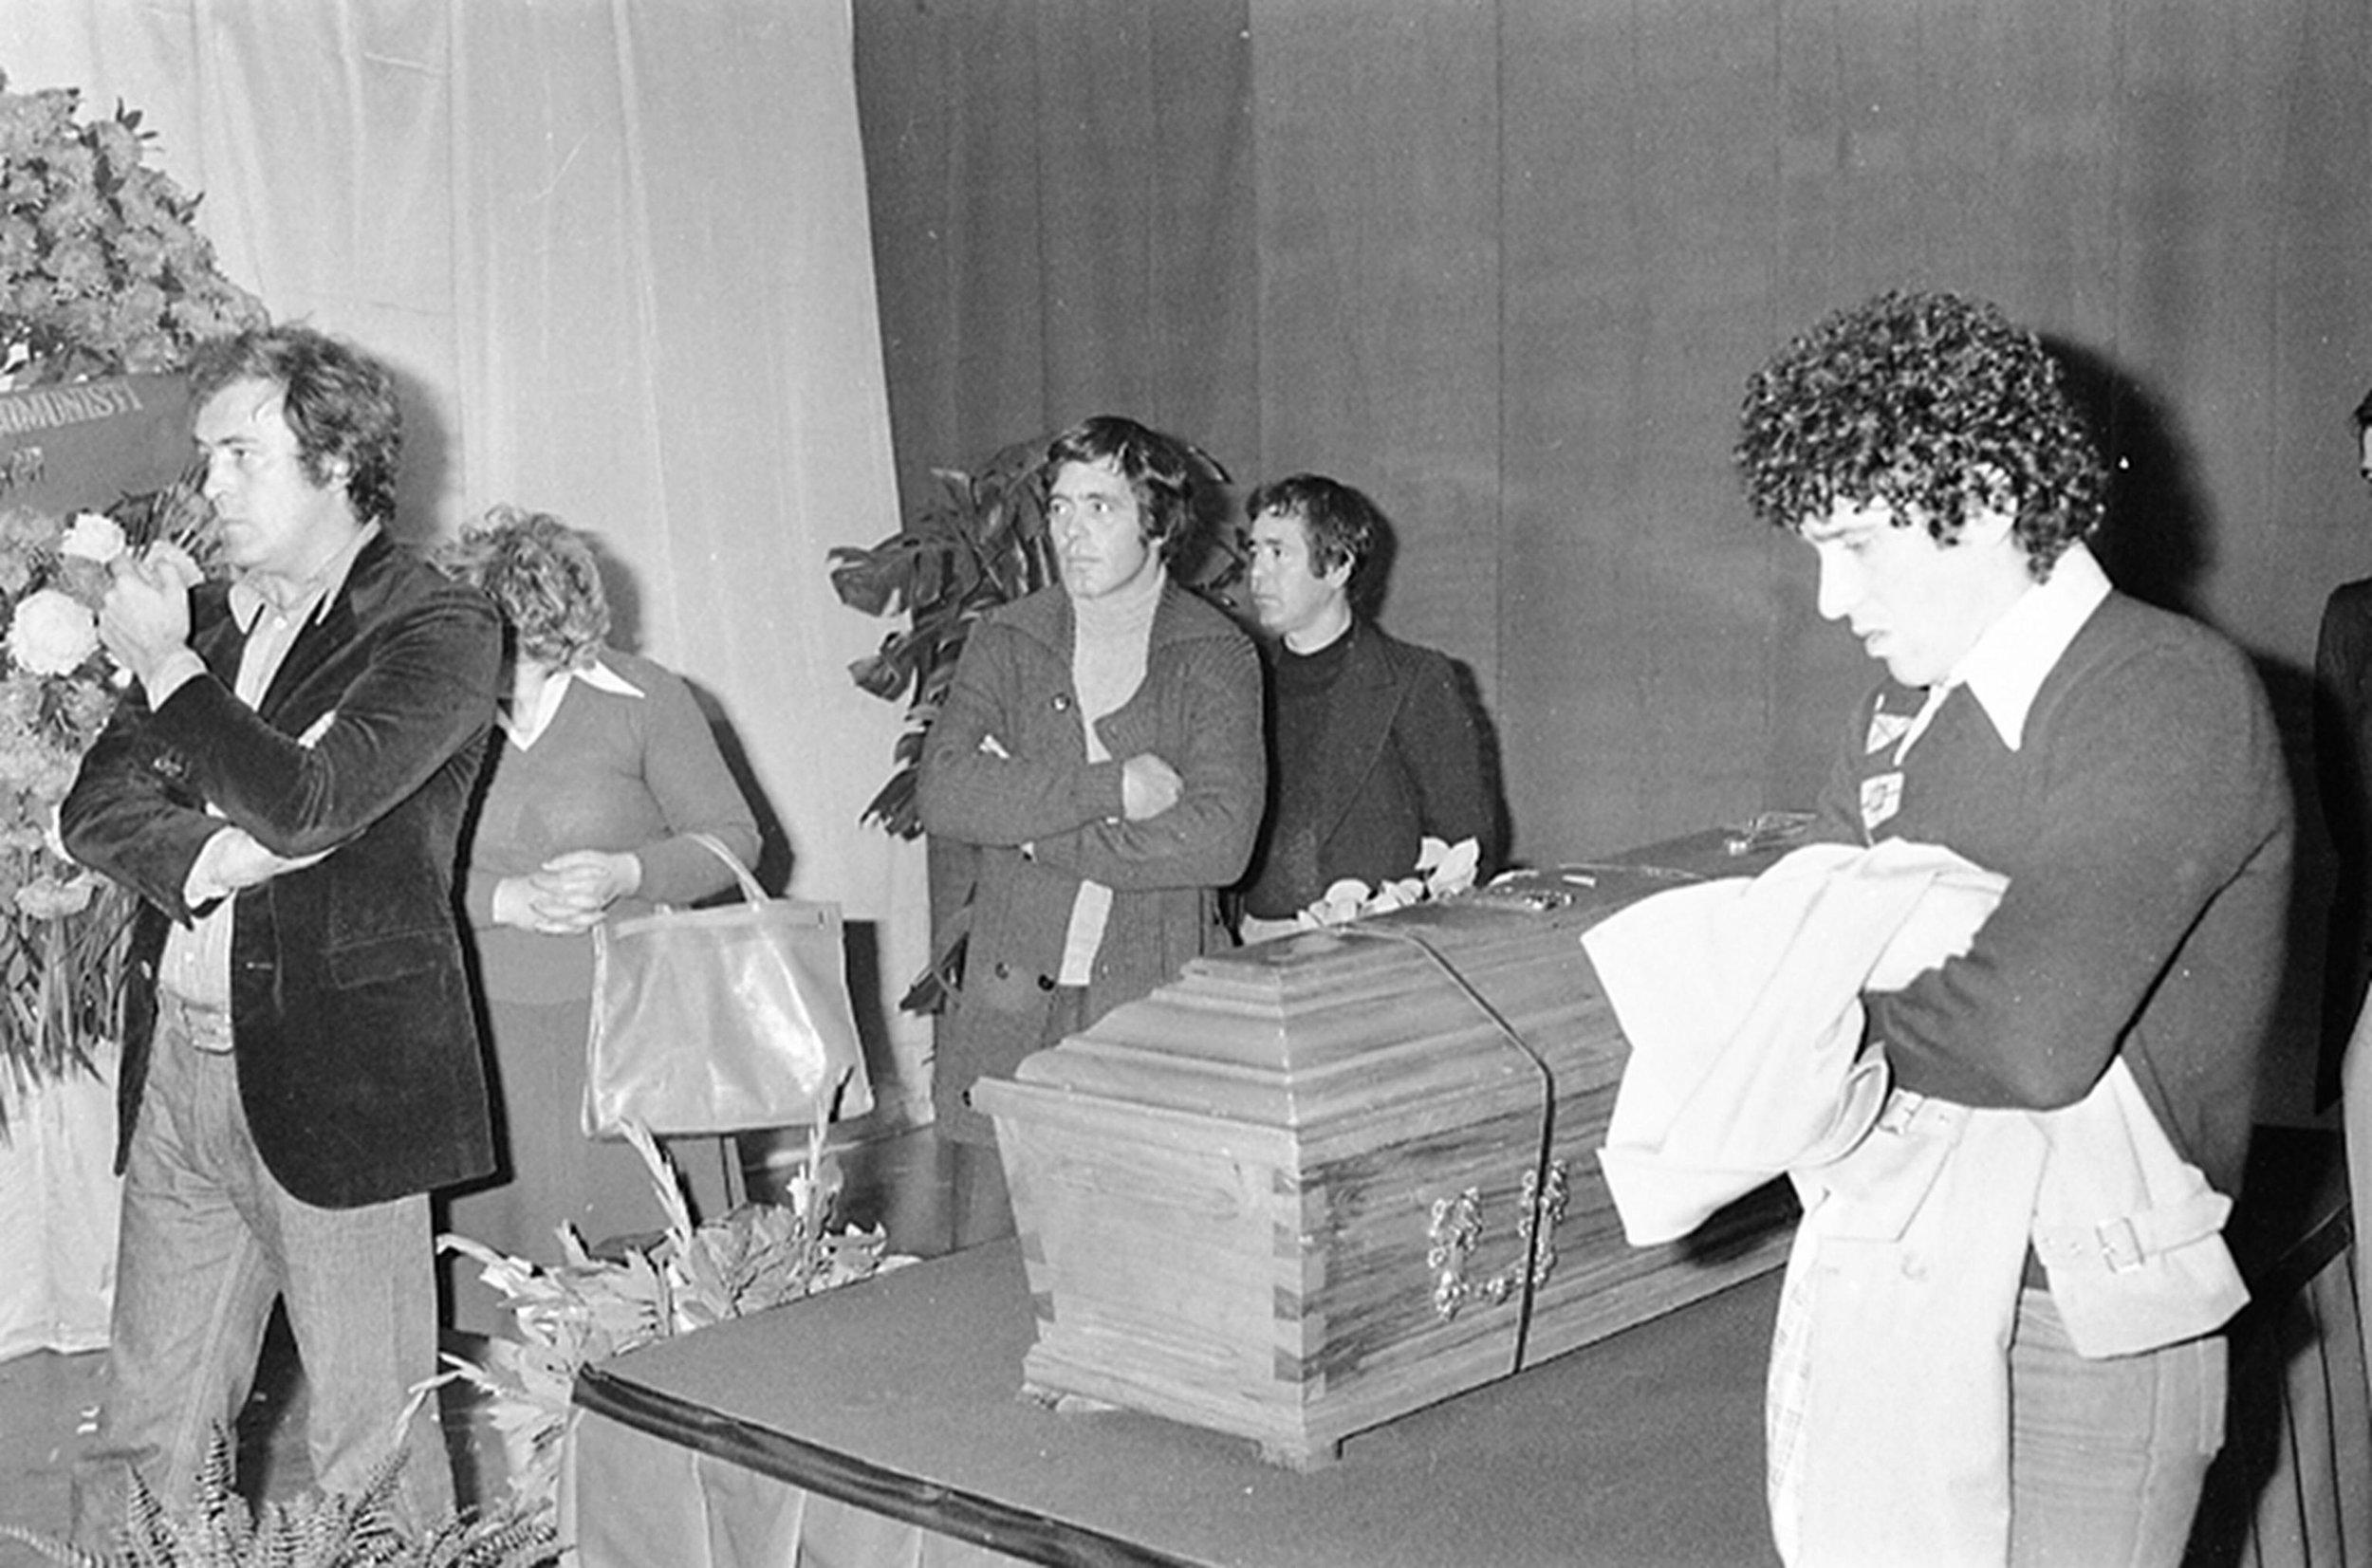 Il regista Bernardo Bertolucci (S), i fratelli Franco e Sergio Citti (S-3-4)  Ninetto Davoli (D-2), e Antonello Trombadori (D), vegliano la salma di Pier Paolo Pasolini, nella Casa della Cultura dove ? allestita la camera ardente,  Roma, 5 novembre 1975. ANSA